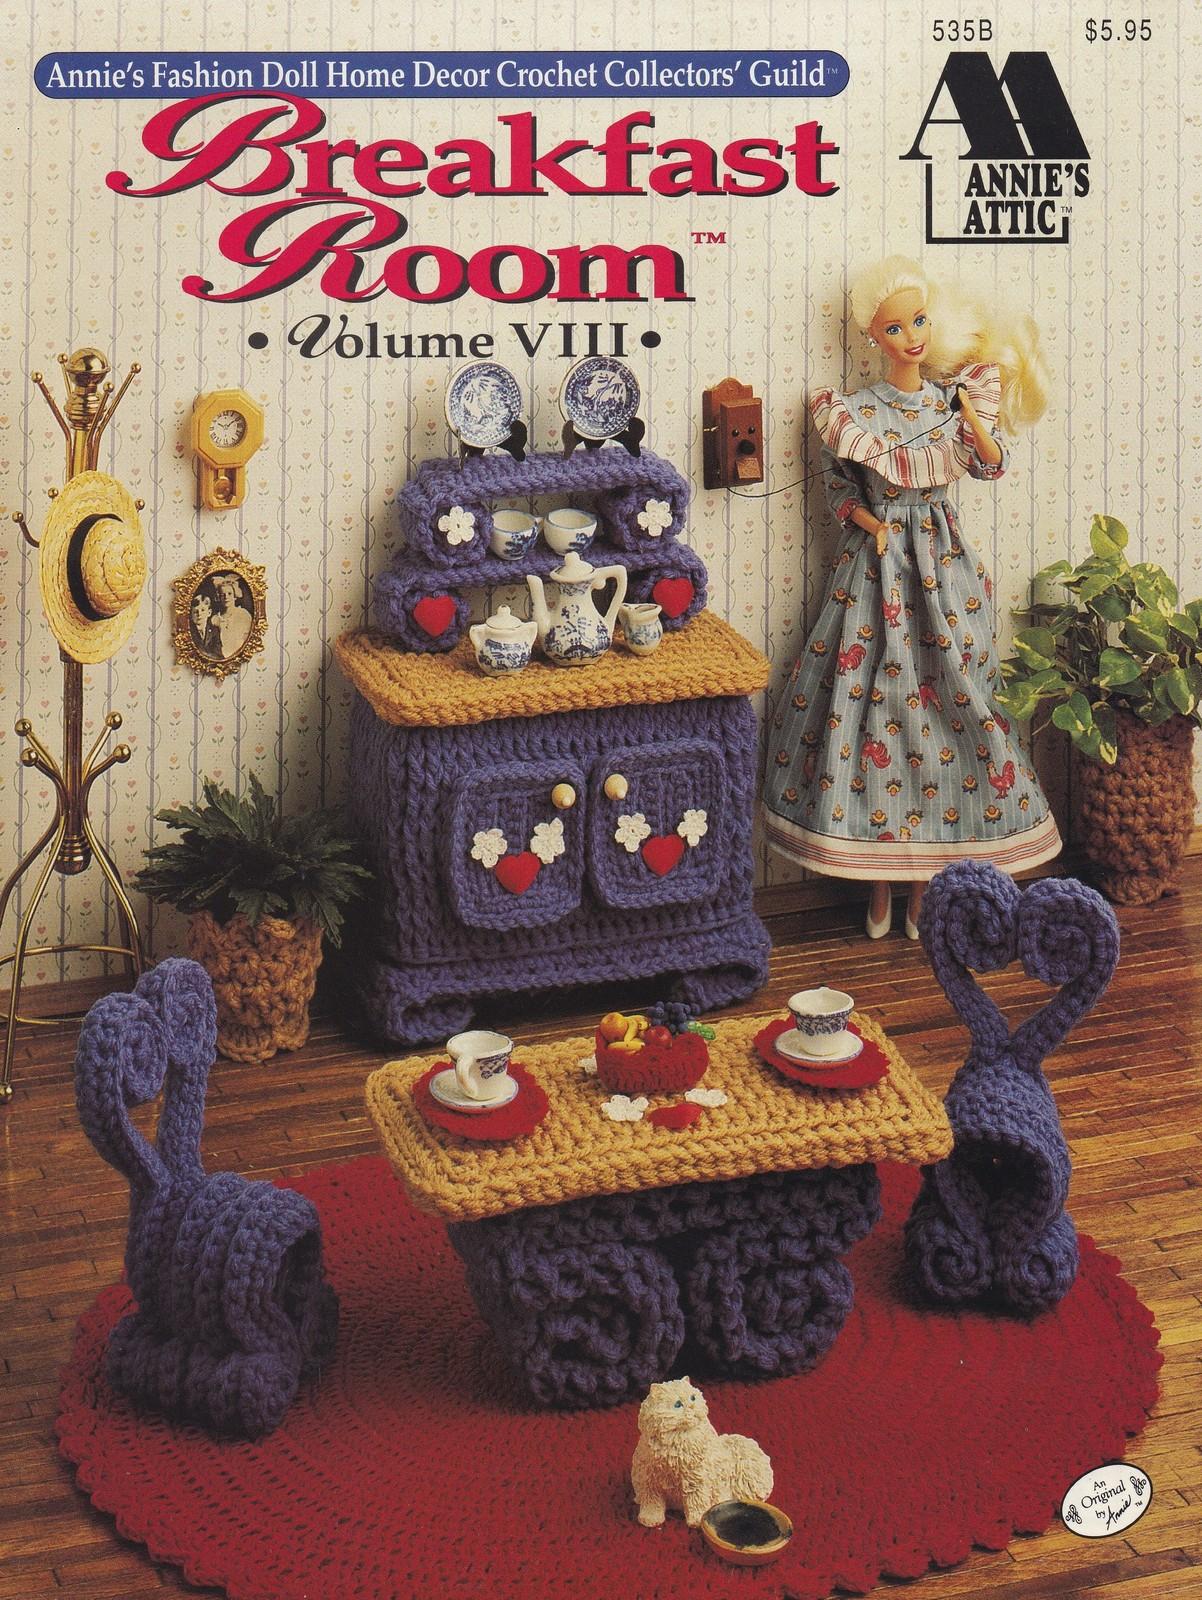 Breakfast Room Vol VIII, Annie's Fashion Doll Furniture Crochet Pattern 535B